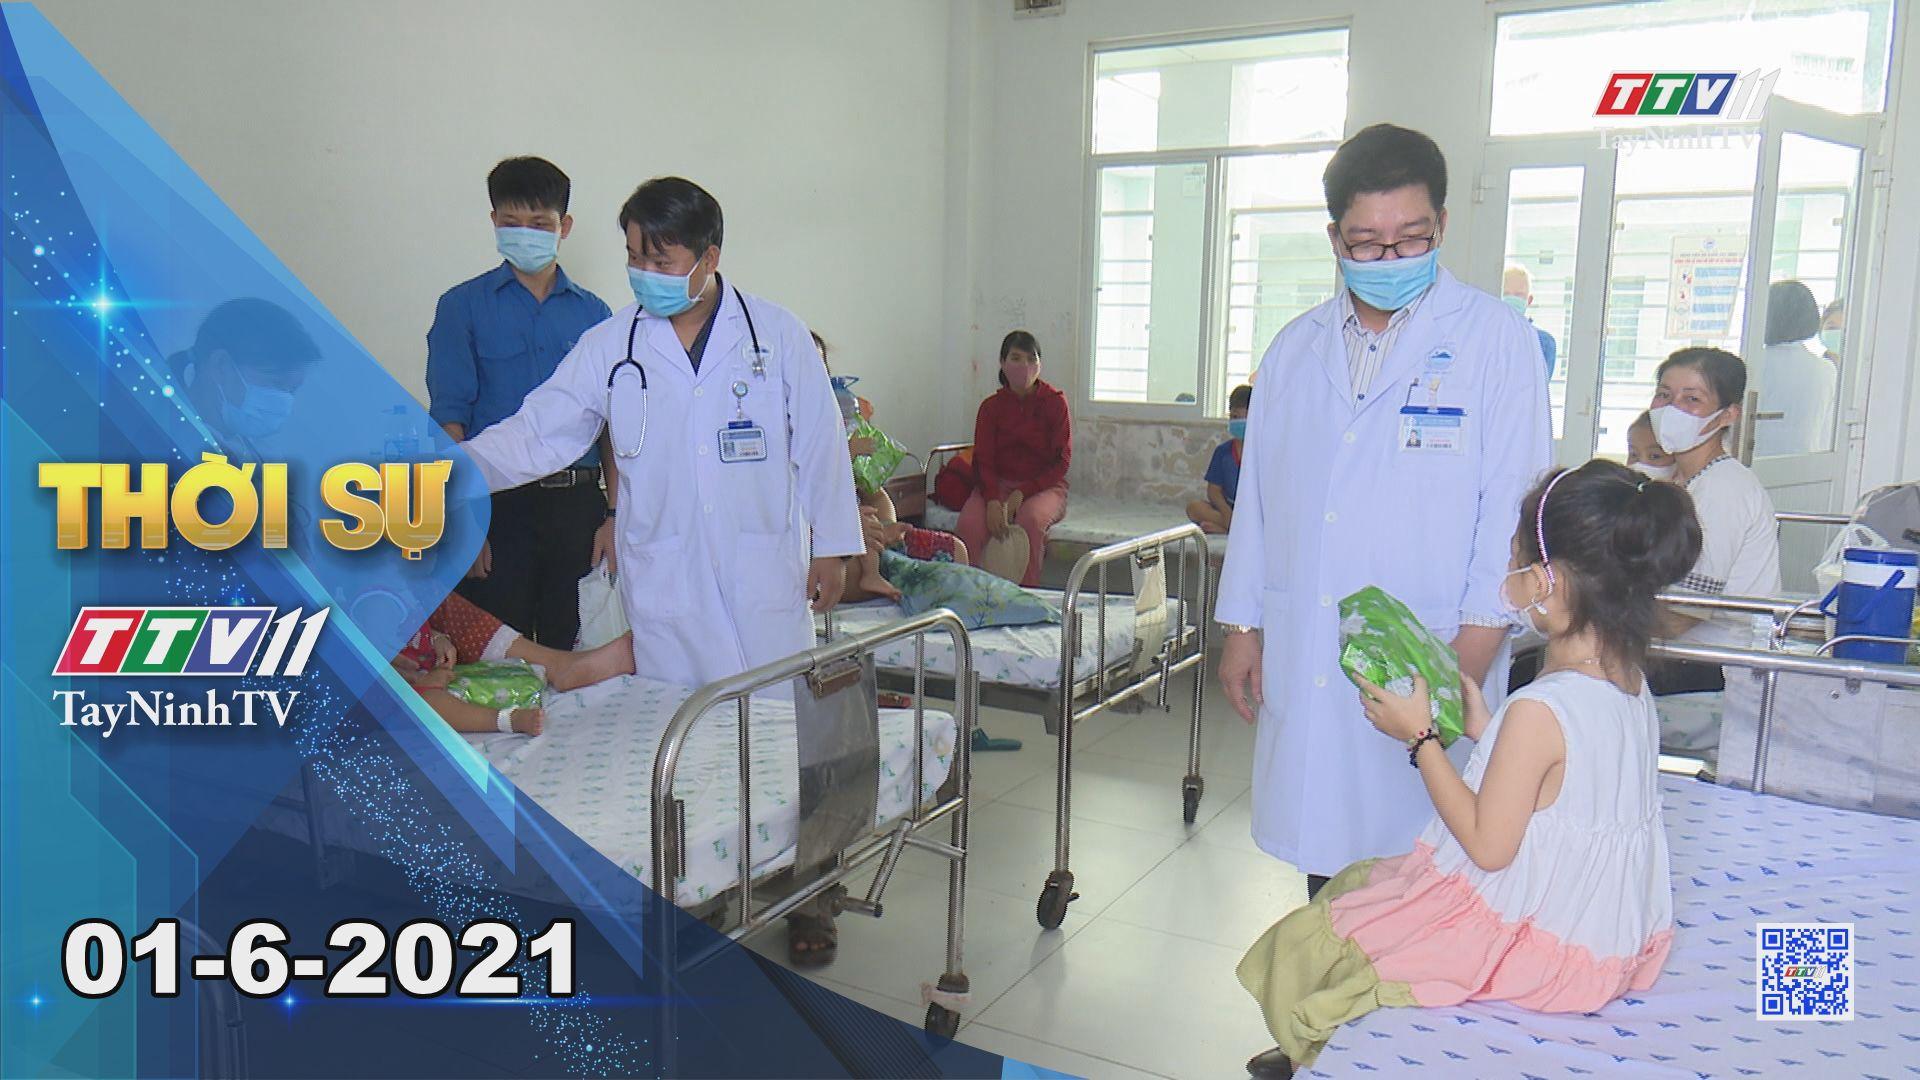 Thời sự Tây Ninh 01-6-2021 | Tin tức hôm nay | TayNinhTV